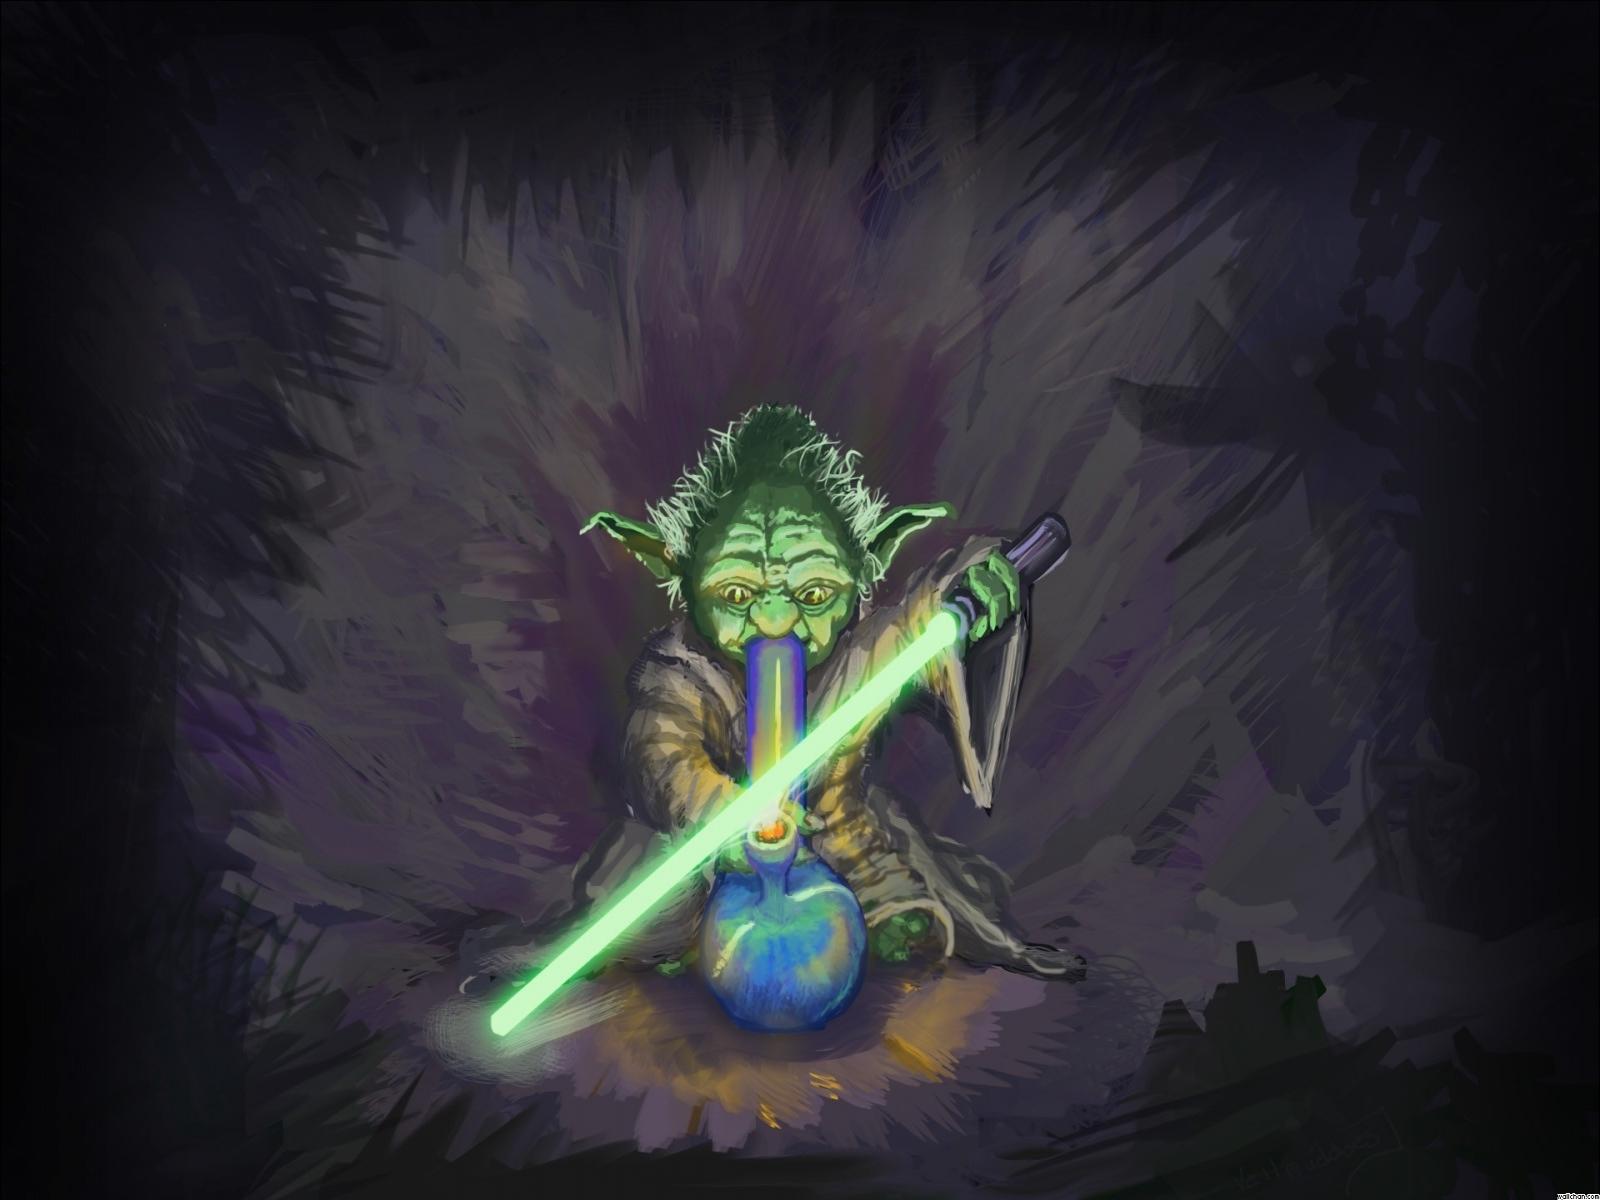 Marijuana weed 420 star wars humor y wallpaper 1600x1200 1600x1200